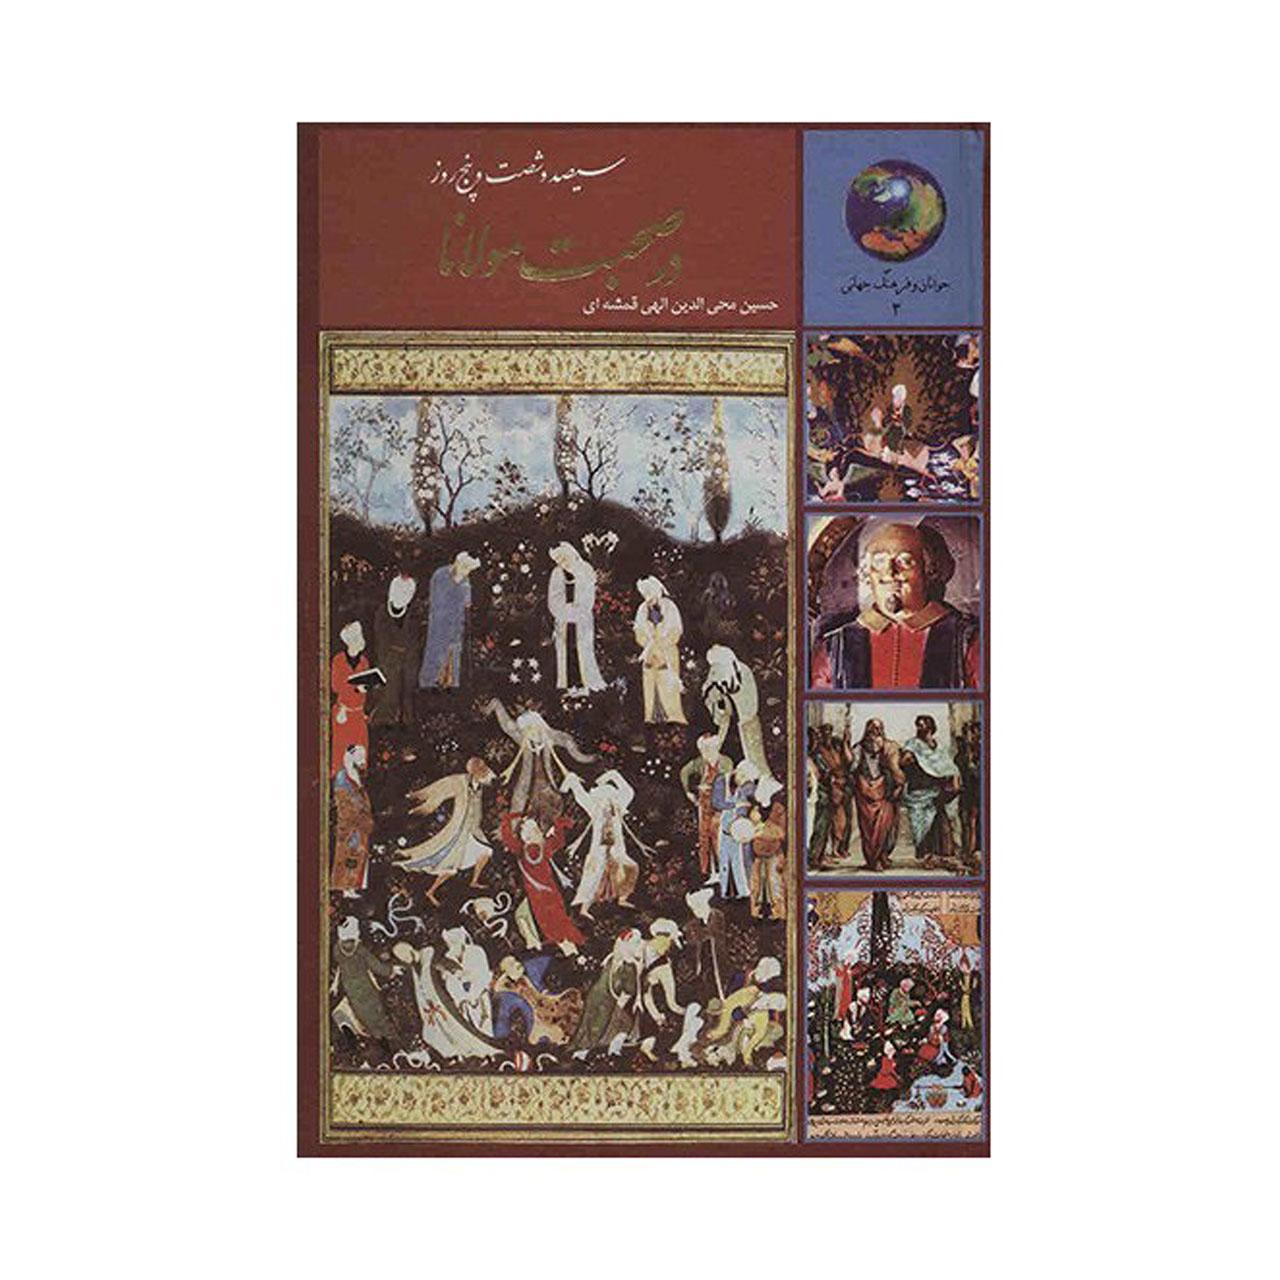 خرید                      کتاب 365 روز در صحبت مولانا اثر حسین محی الدین الهی قمشه ای